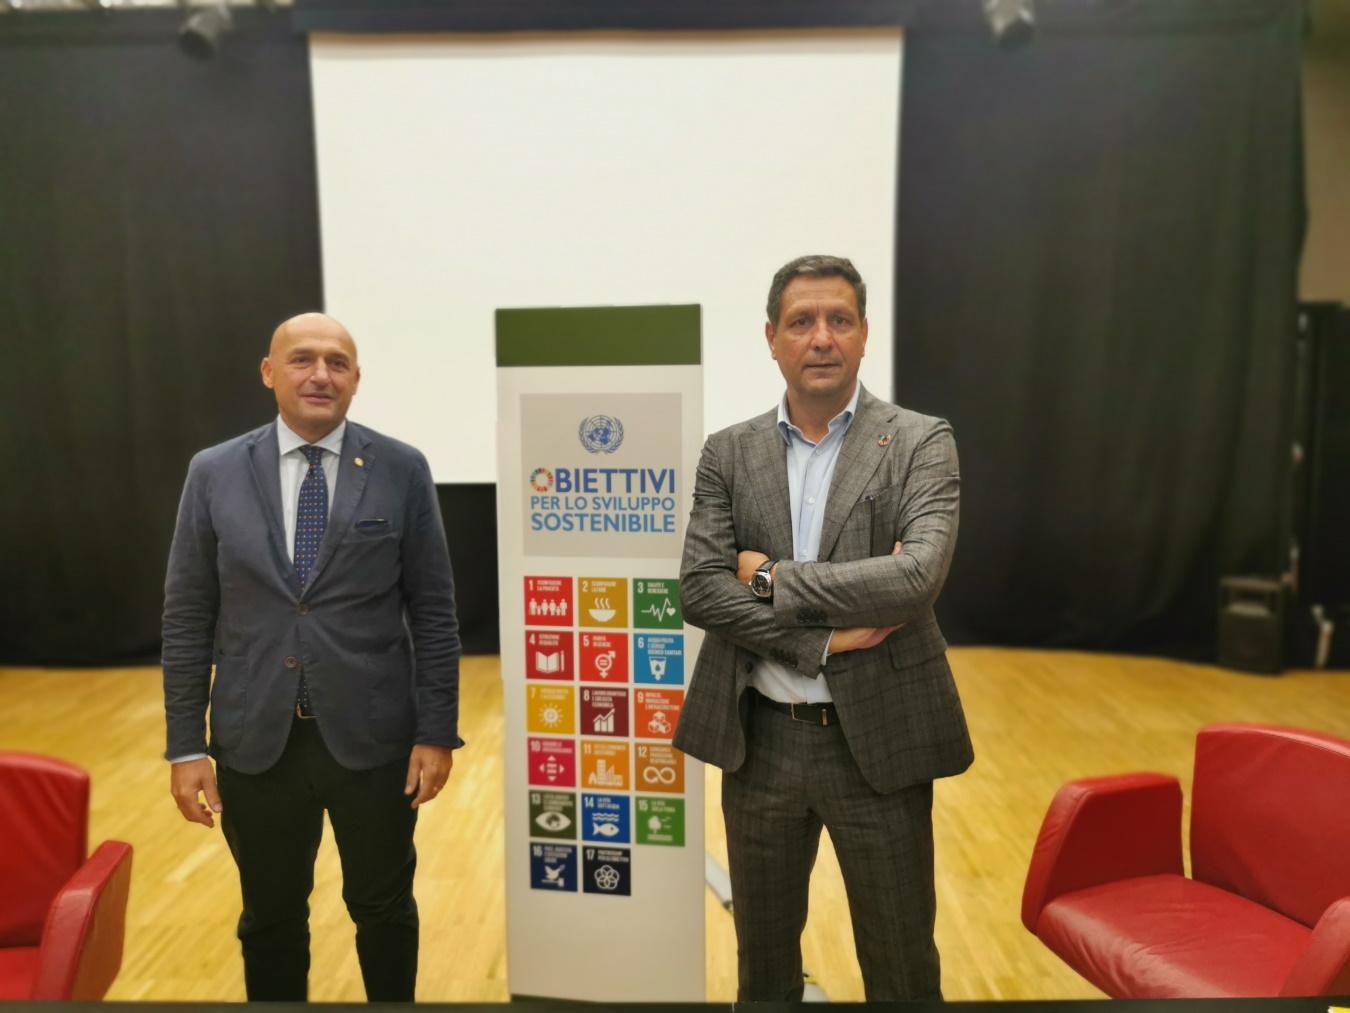 SeiToscana_terza_edizione_Ambiente_in_Comune_conferenza_stampa_Frati_Fabbrini